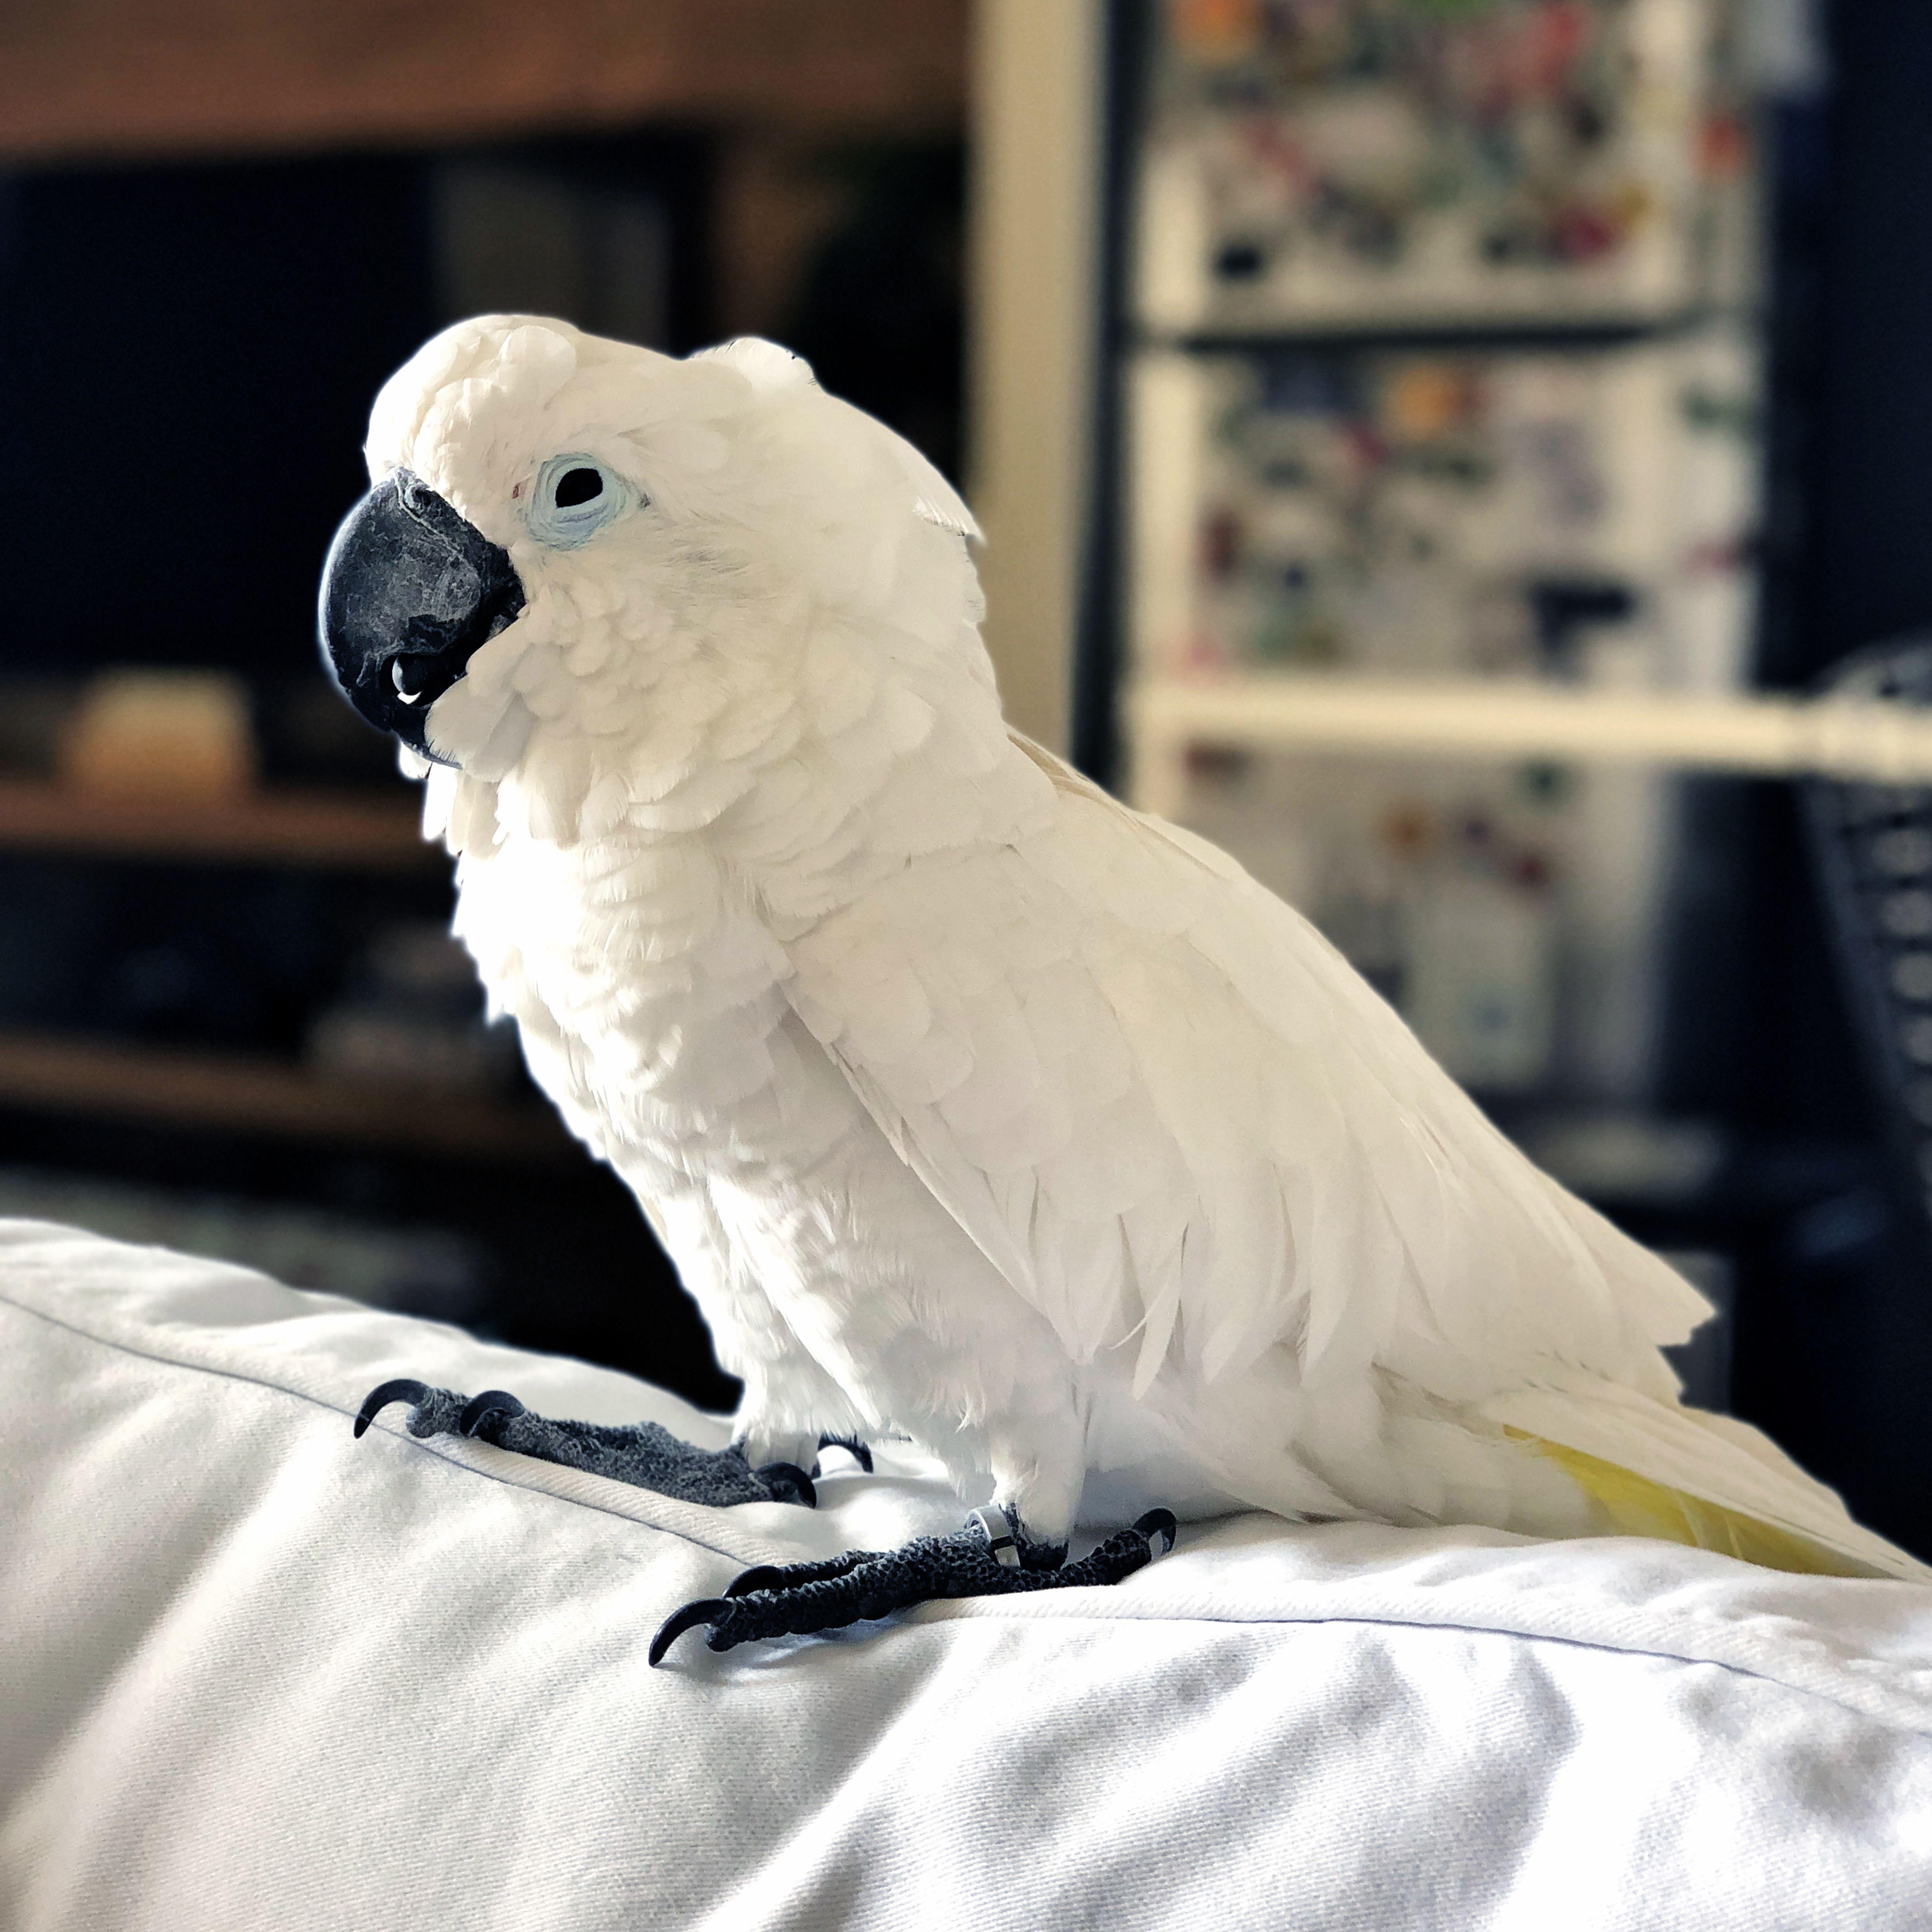 Cockatoo on white sofa.